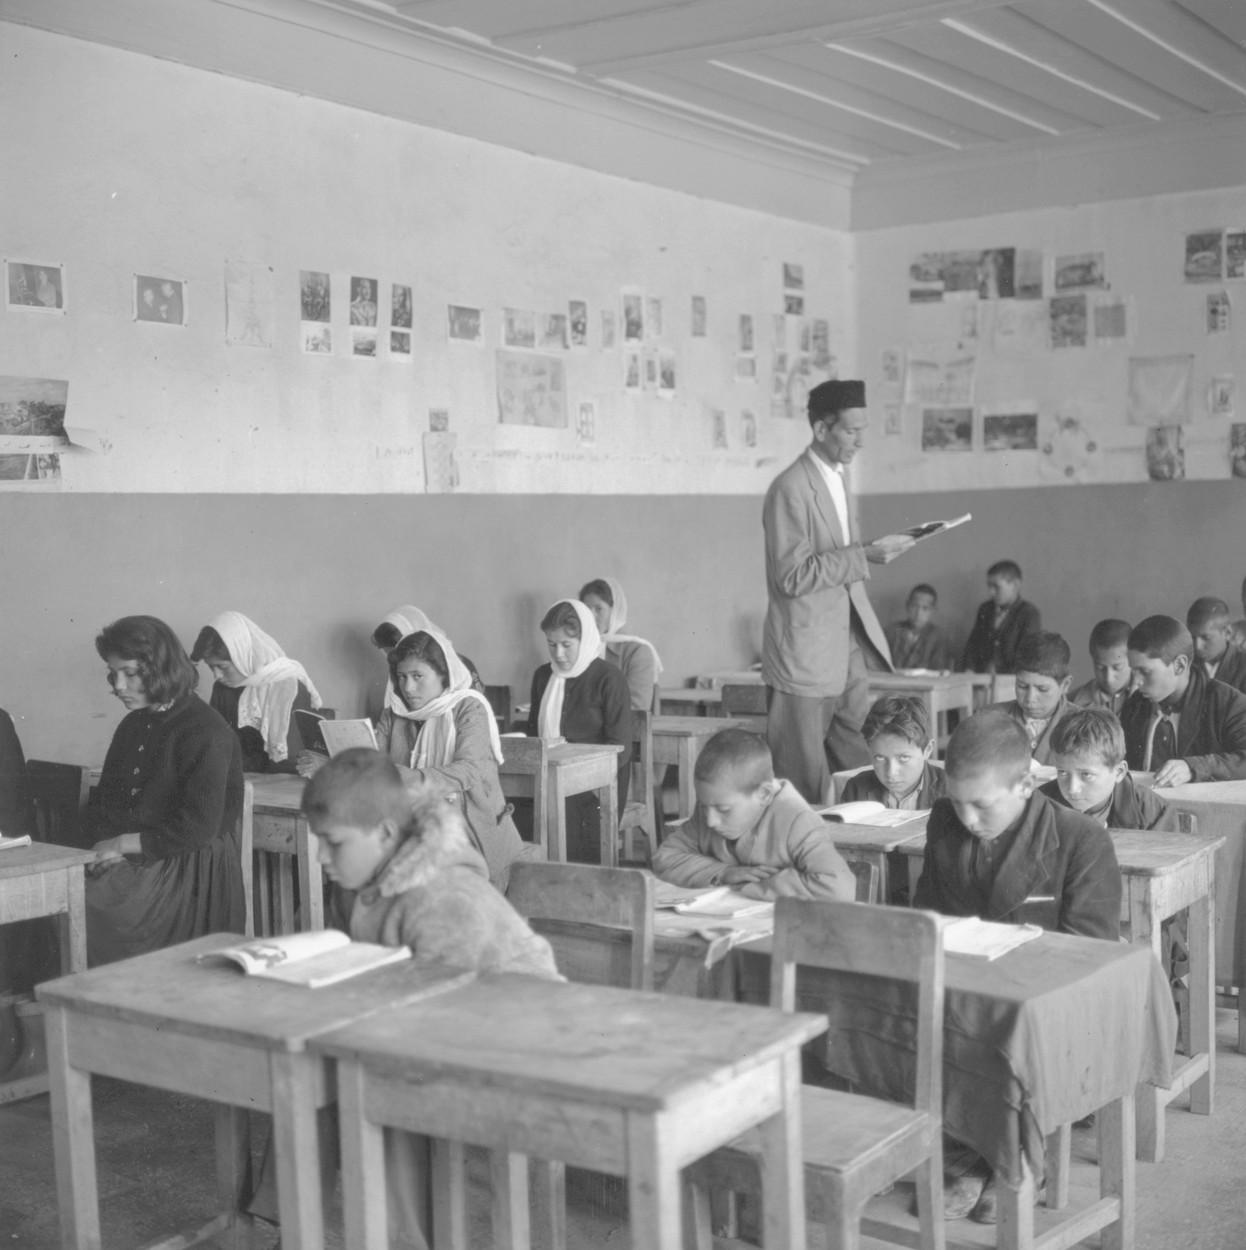 Copii în bănci, la o școală din Afganistan în anii 1960. Foto alb-negru